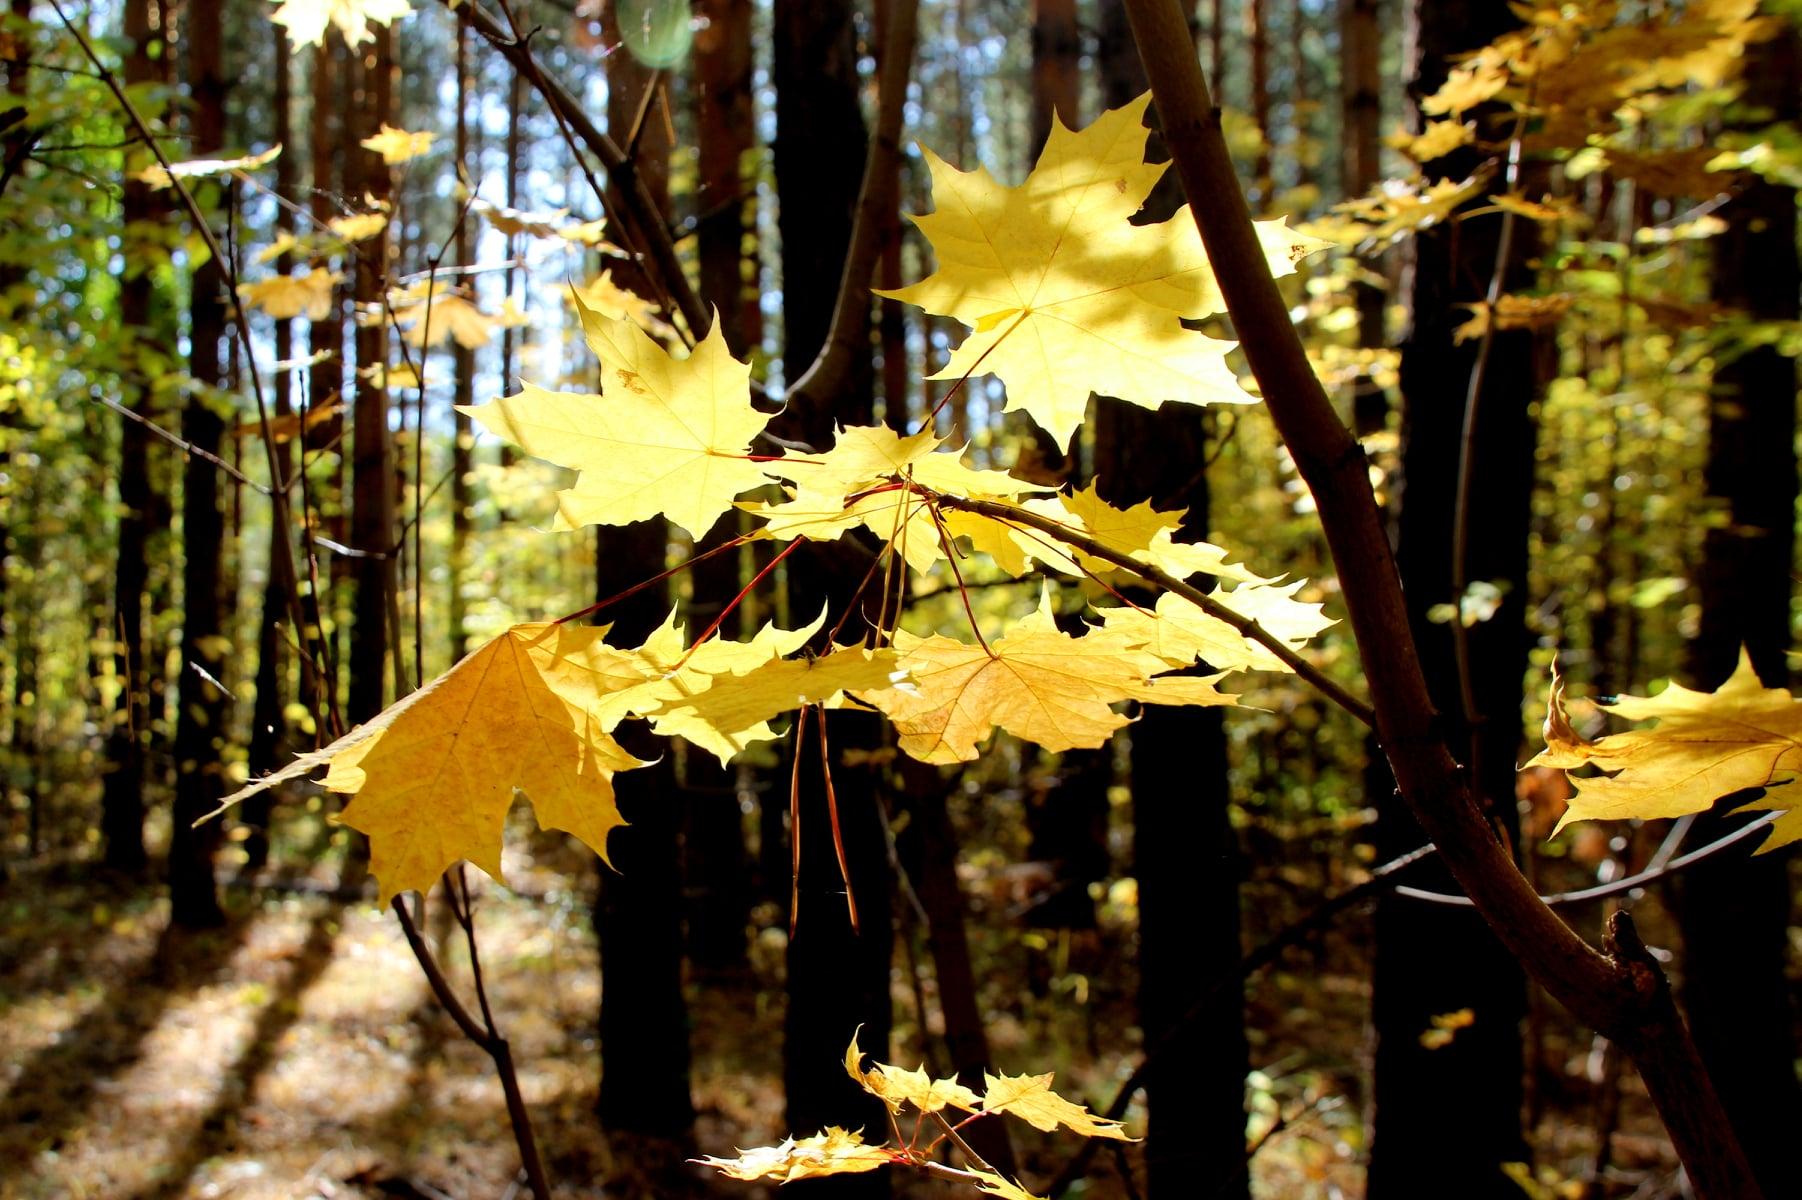 Клены во всей красе. Осенняя фотоподборка Тугустемира от Жанны Валиевой